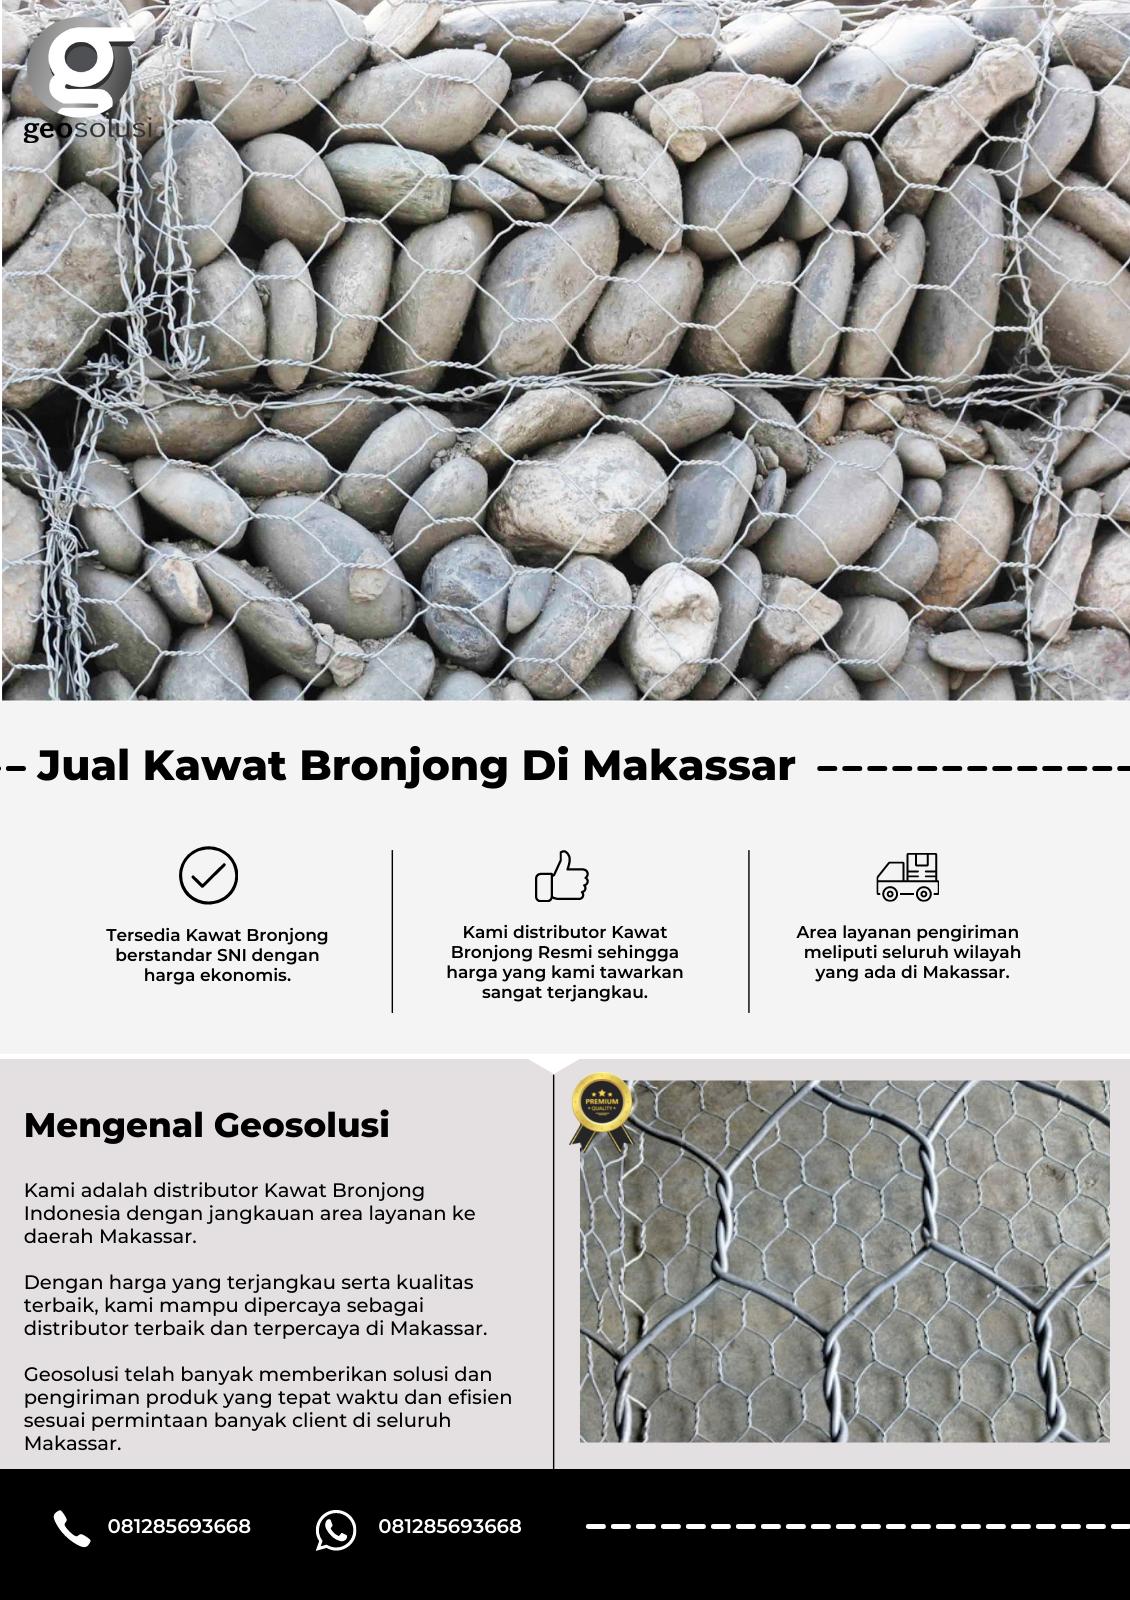 Kawat Bronjong Di Makassar